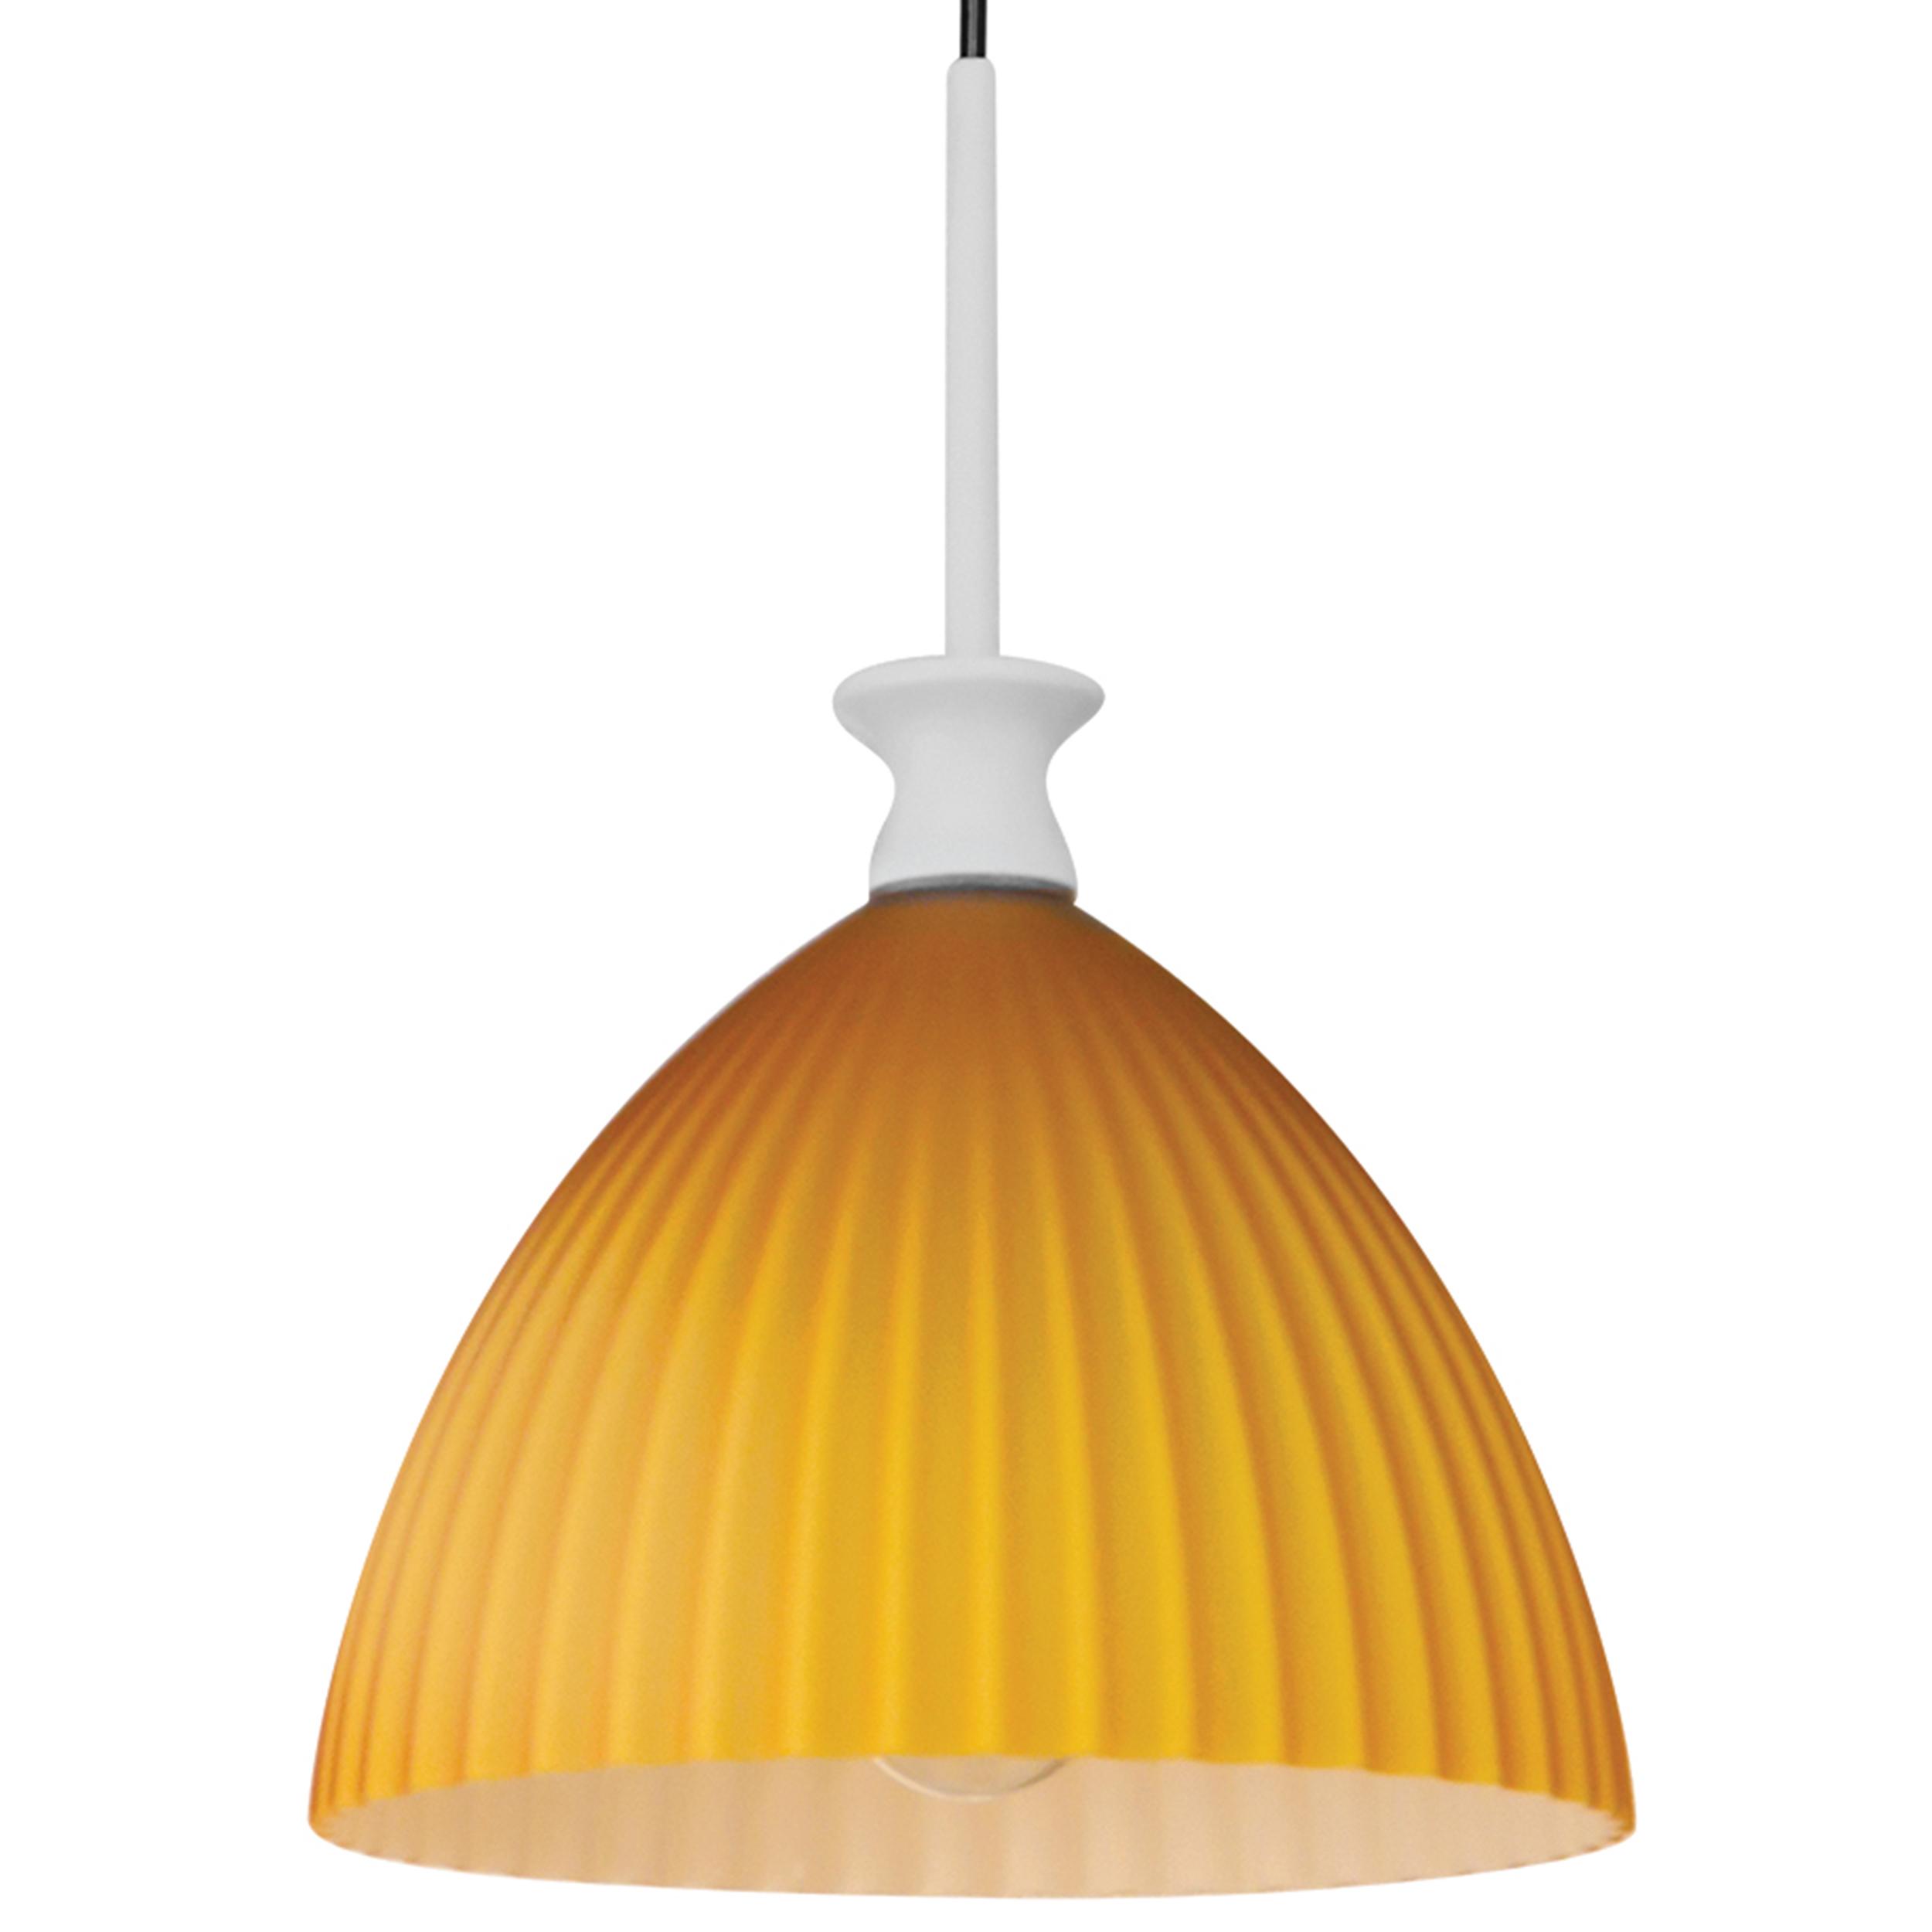 Подвесной светильник Lightstar Agola 810023, 1xE14x40W, хром, оранжевый, металл, стекло - фото 2